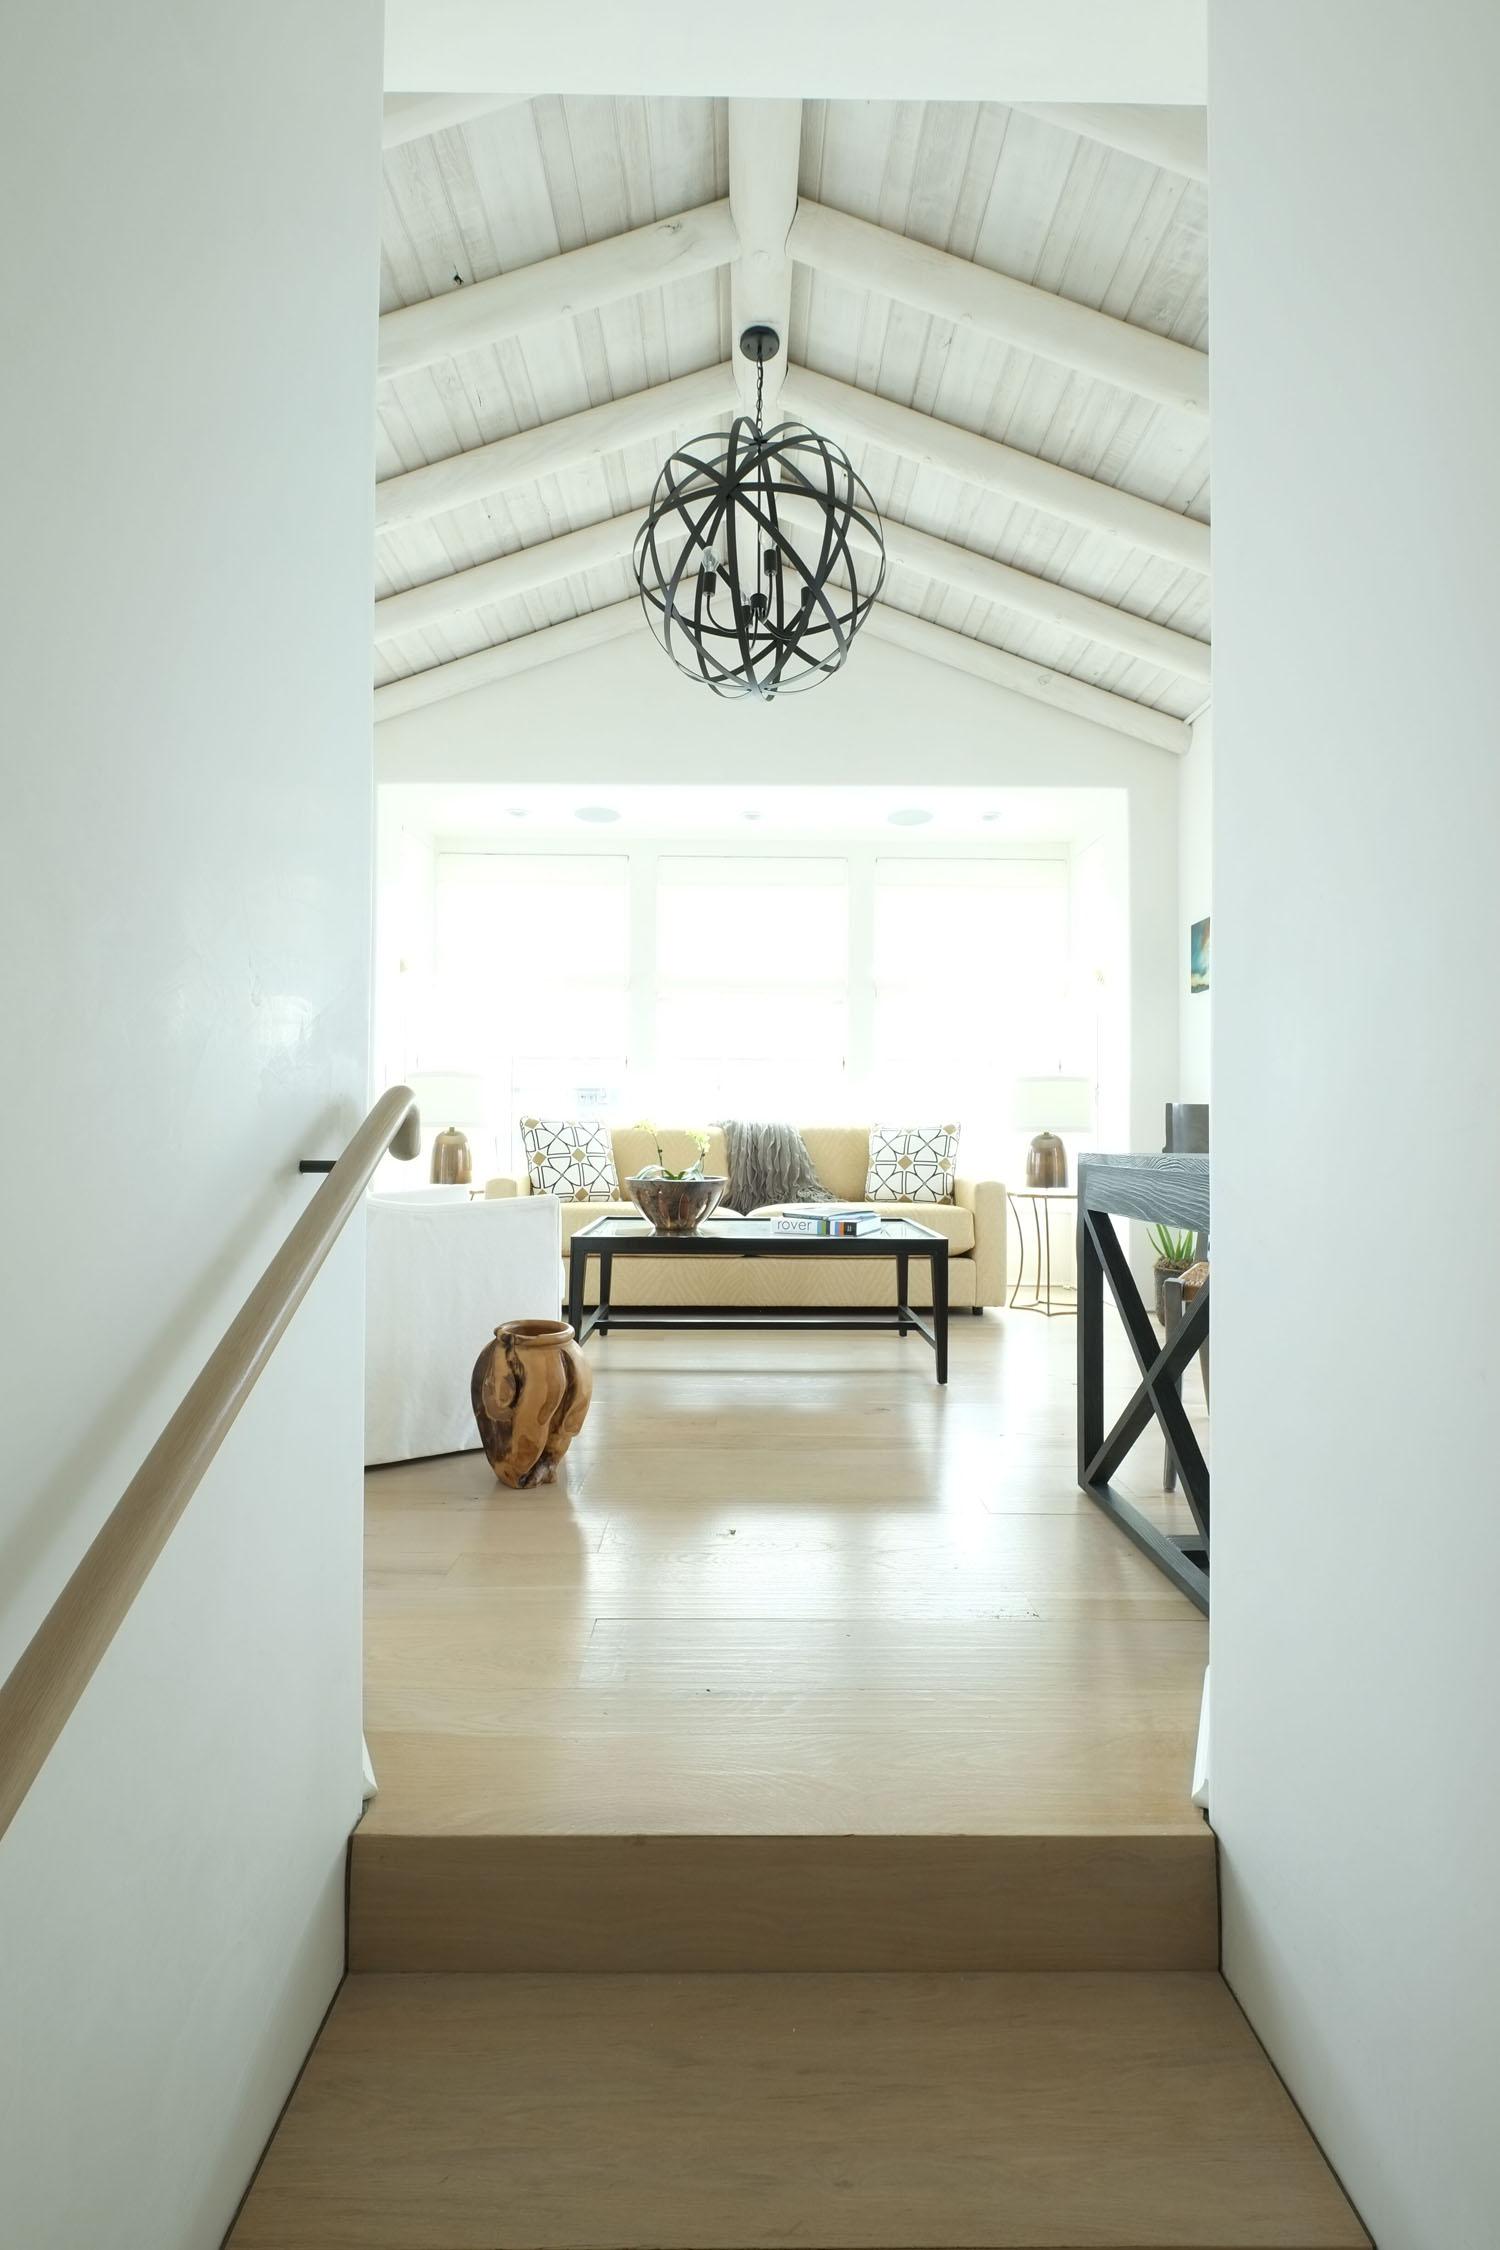 ALYS_BEACH_stairwell.jpg